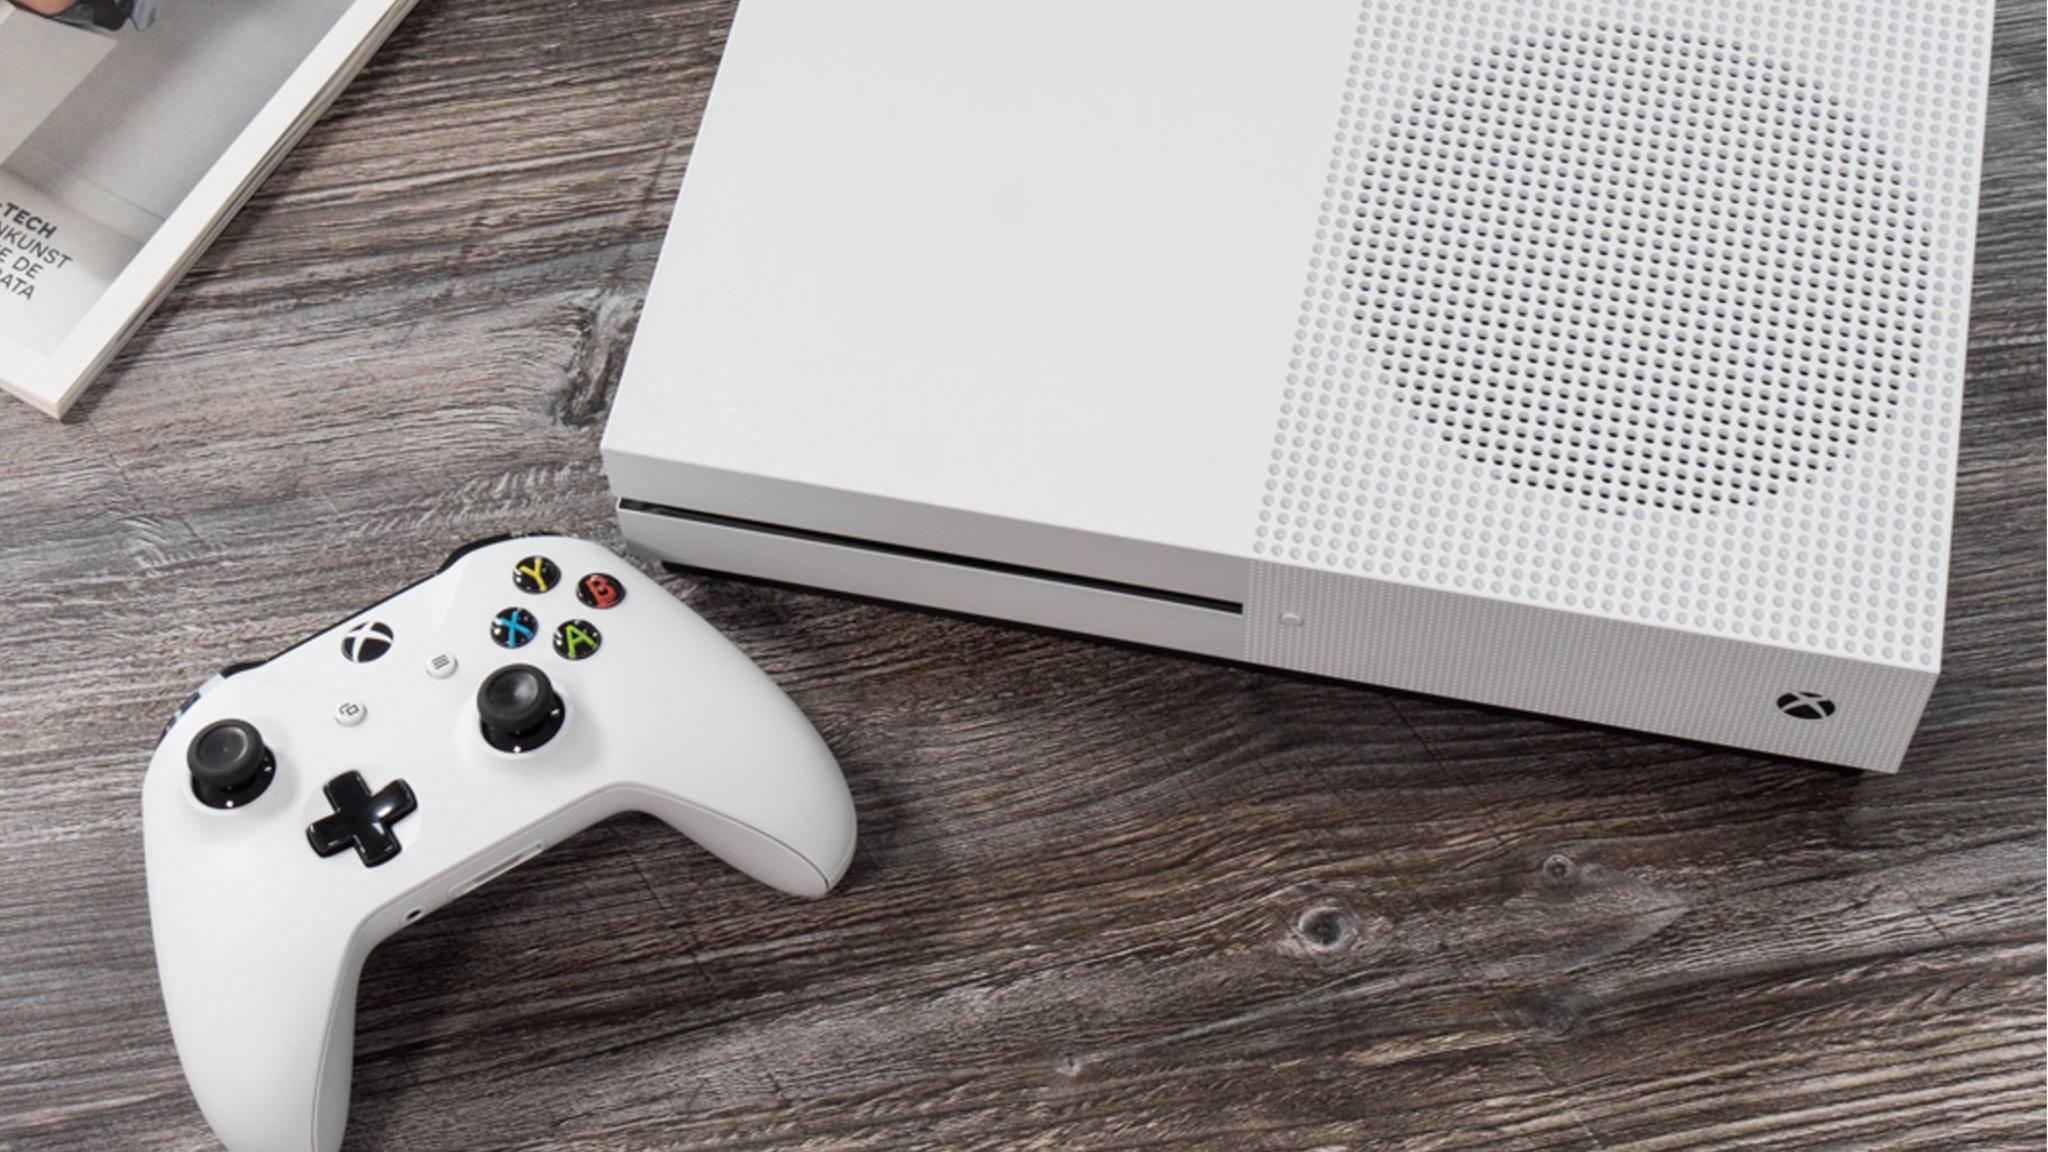 Lässt sich die Xbox One demnächst per Sprachsteuerung ansprechen?